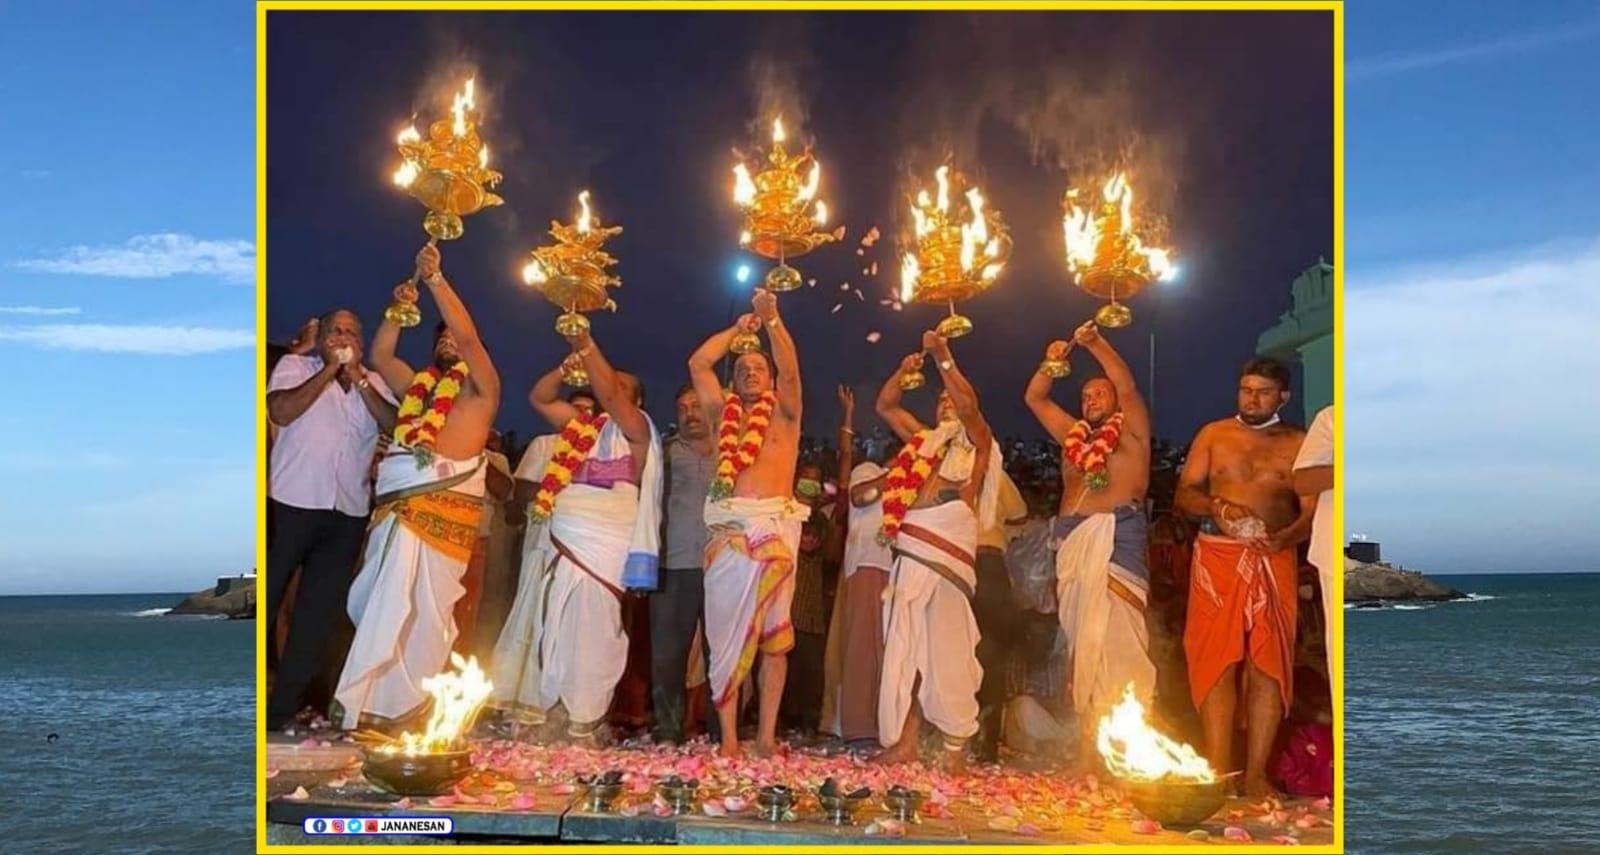 தென்னிந்தியாவில் முதல் முறையாக கன்னியாகுமரி முக்கடல் சங்கமத்தில்  தீர்த்த ஆரத்தி..!